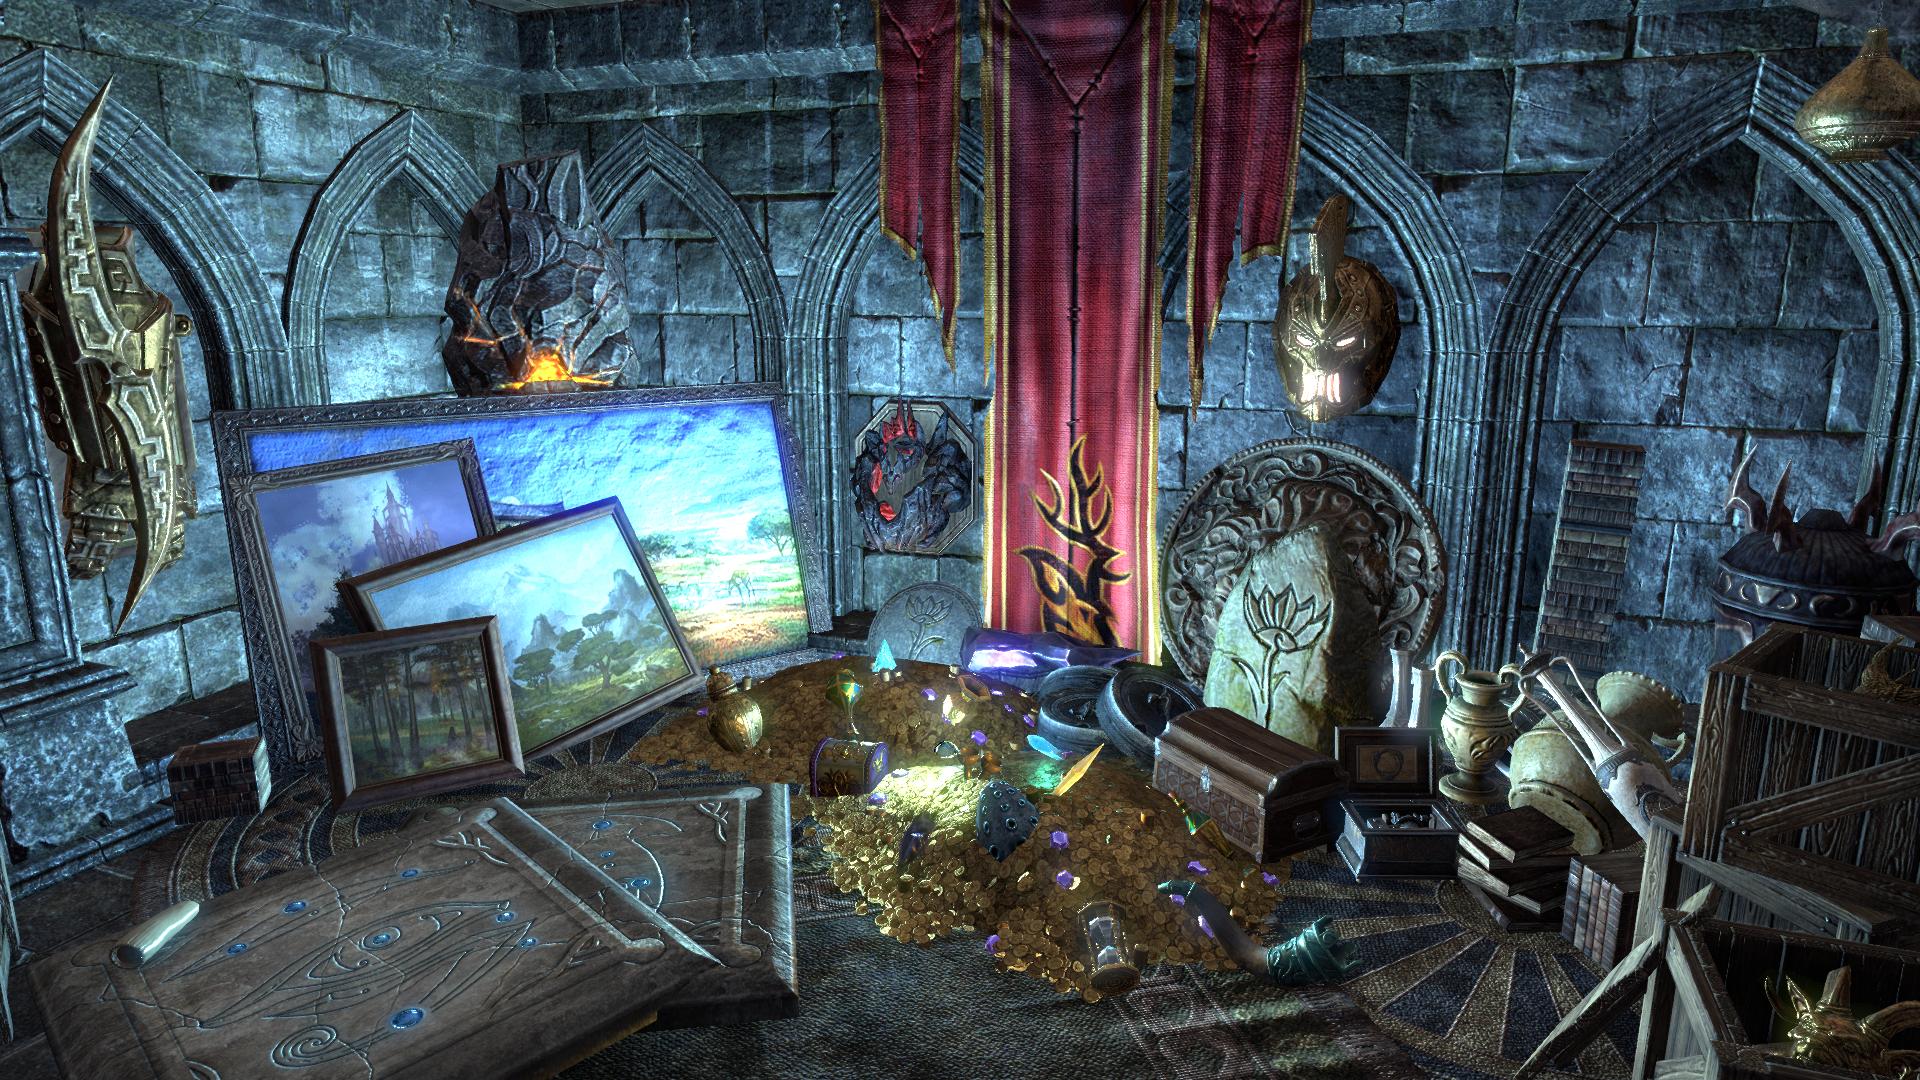 Грай в ігровий автомат Treasure Room на гроші або в демо-режимі на сайті казино First - перше казино України.Калининград